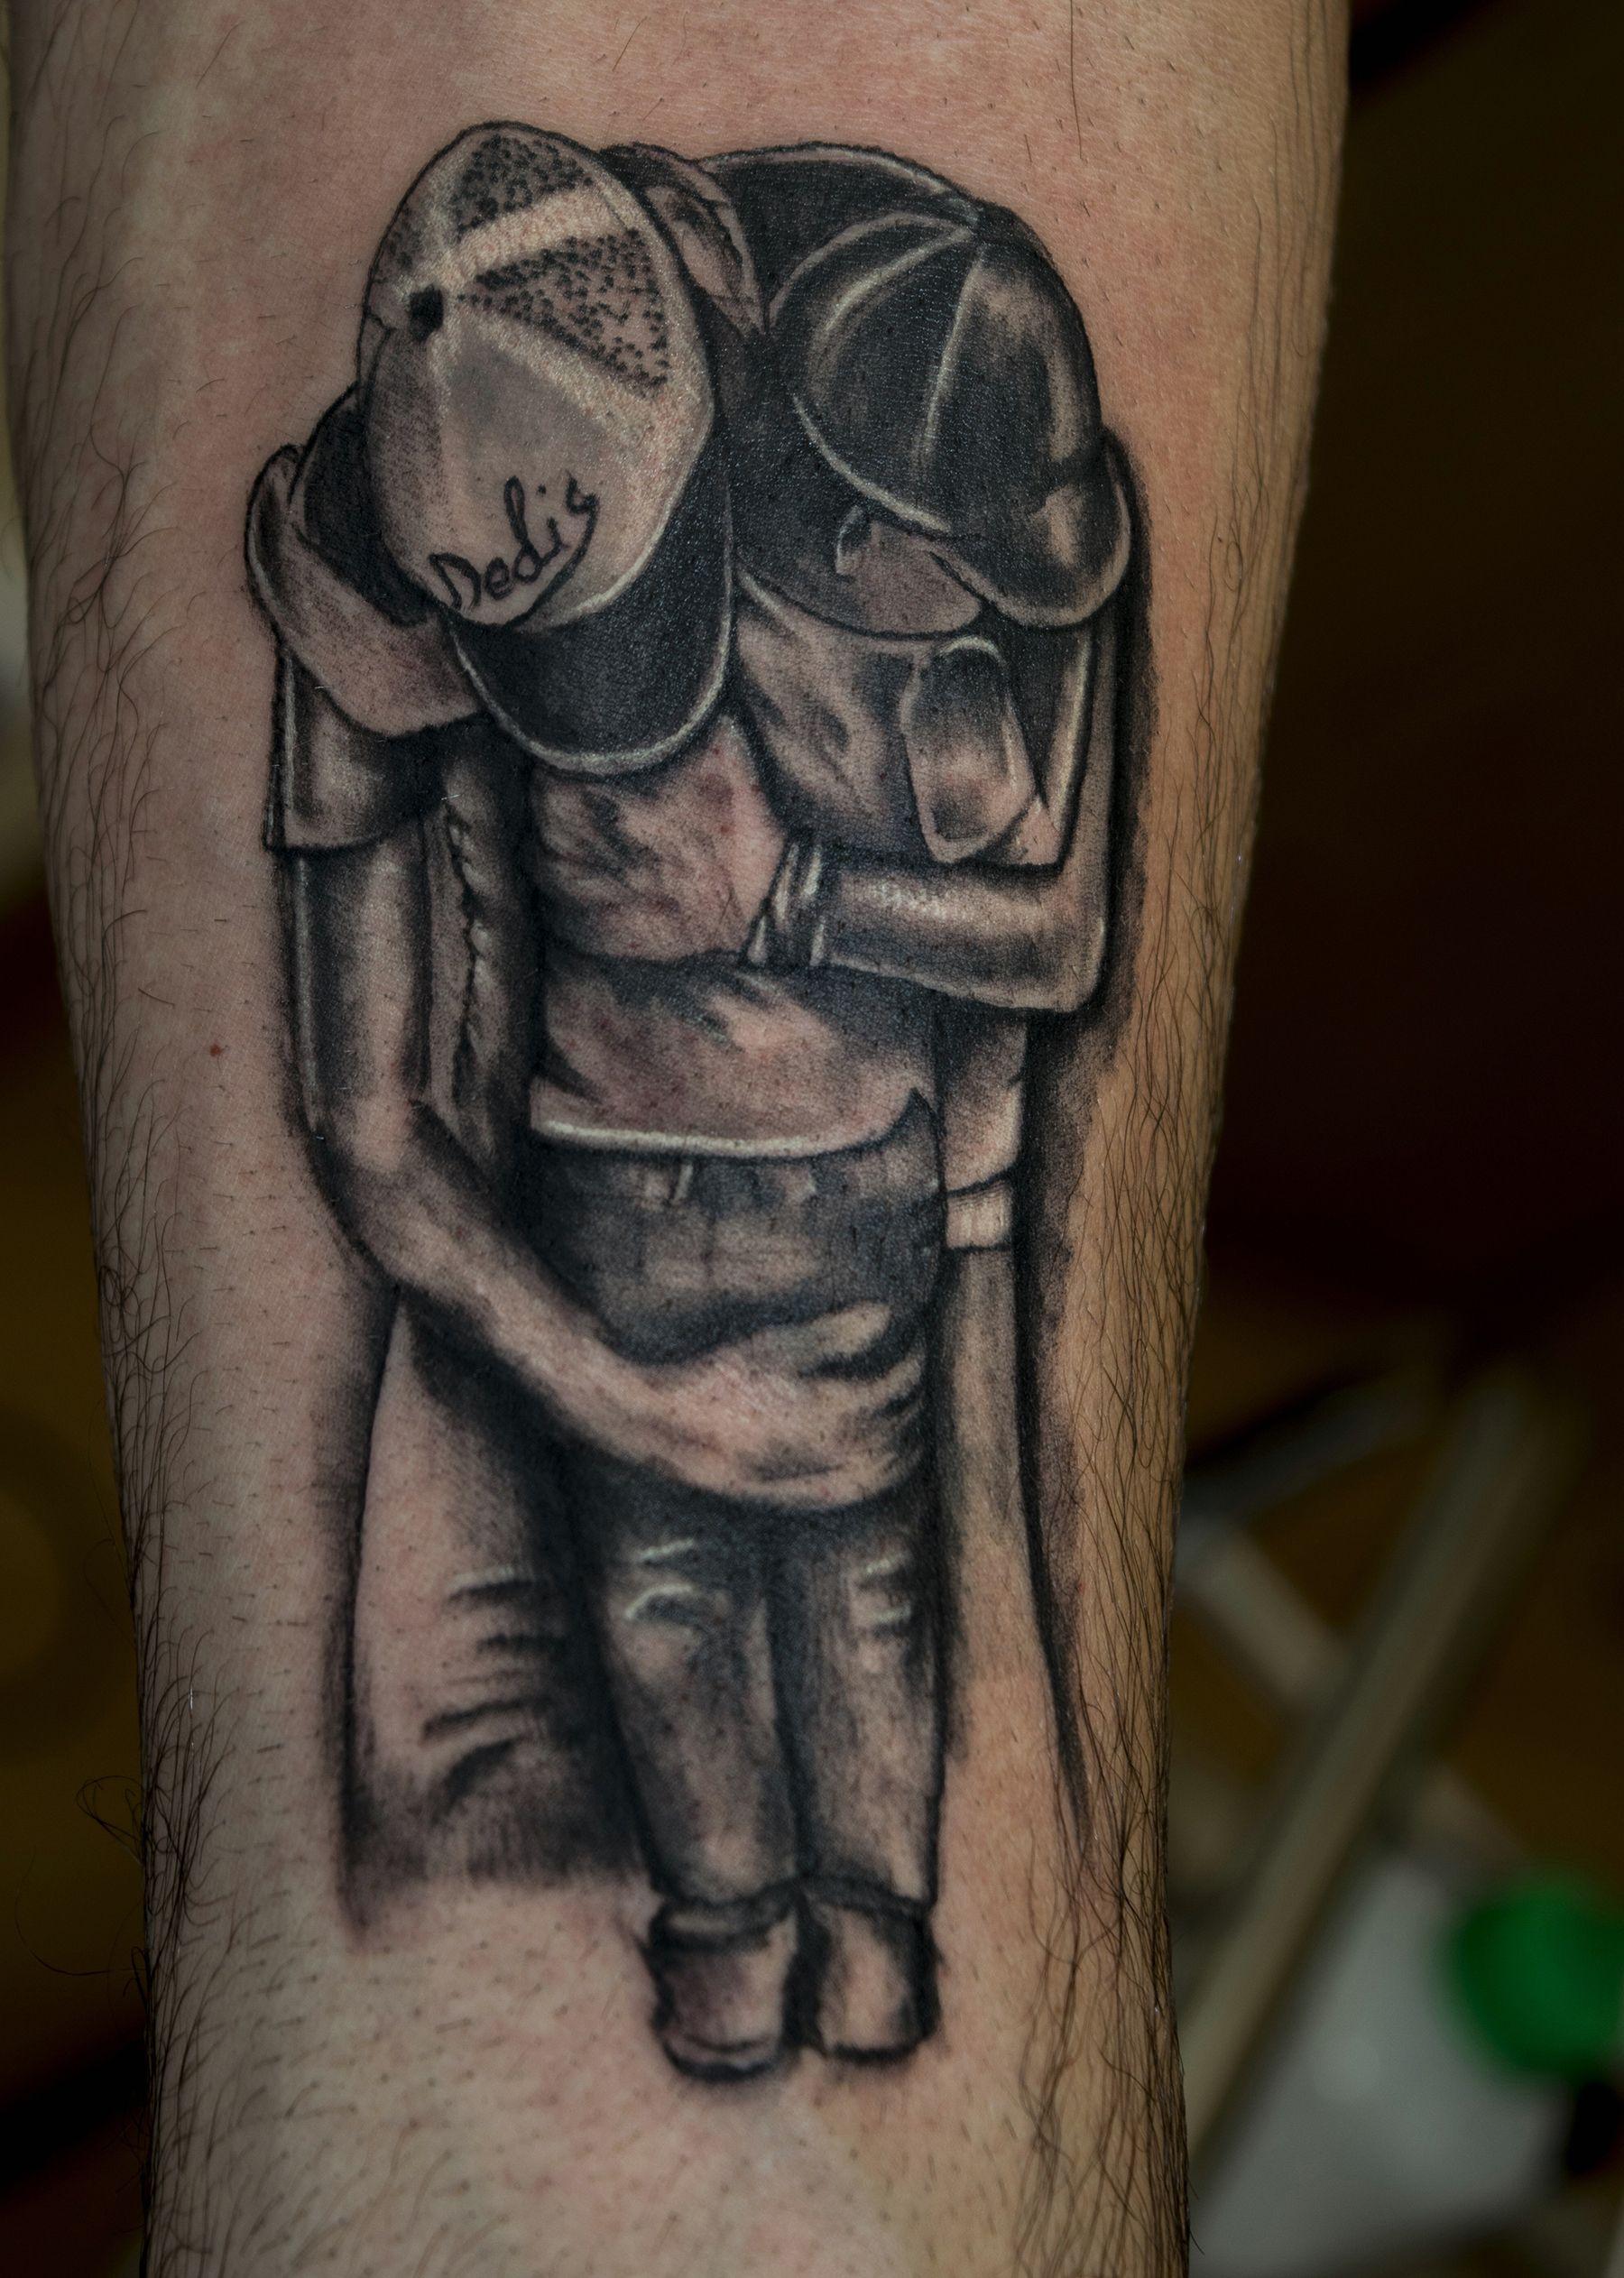 Father Son Tattoos : father, tattoos, Father, Tattoo, Tatuagem, Filho,, Filha,, Desenhos